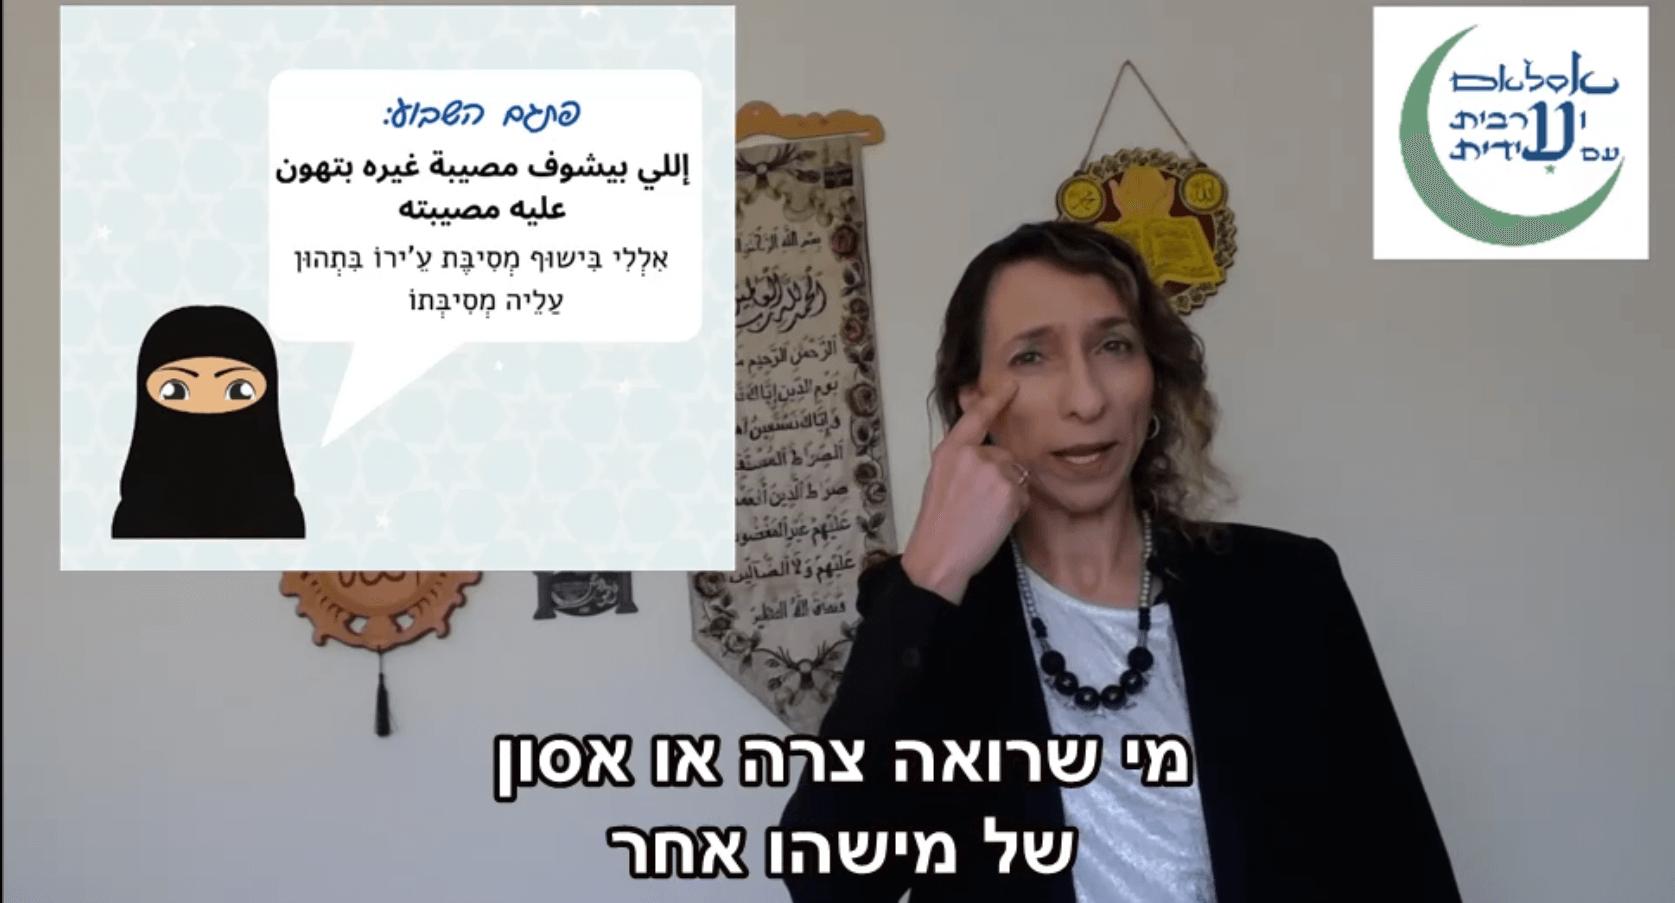 ערבית בקטנה – צרת רבים חצי נחמה?